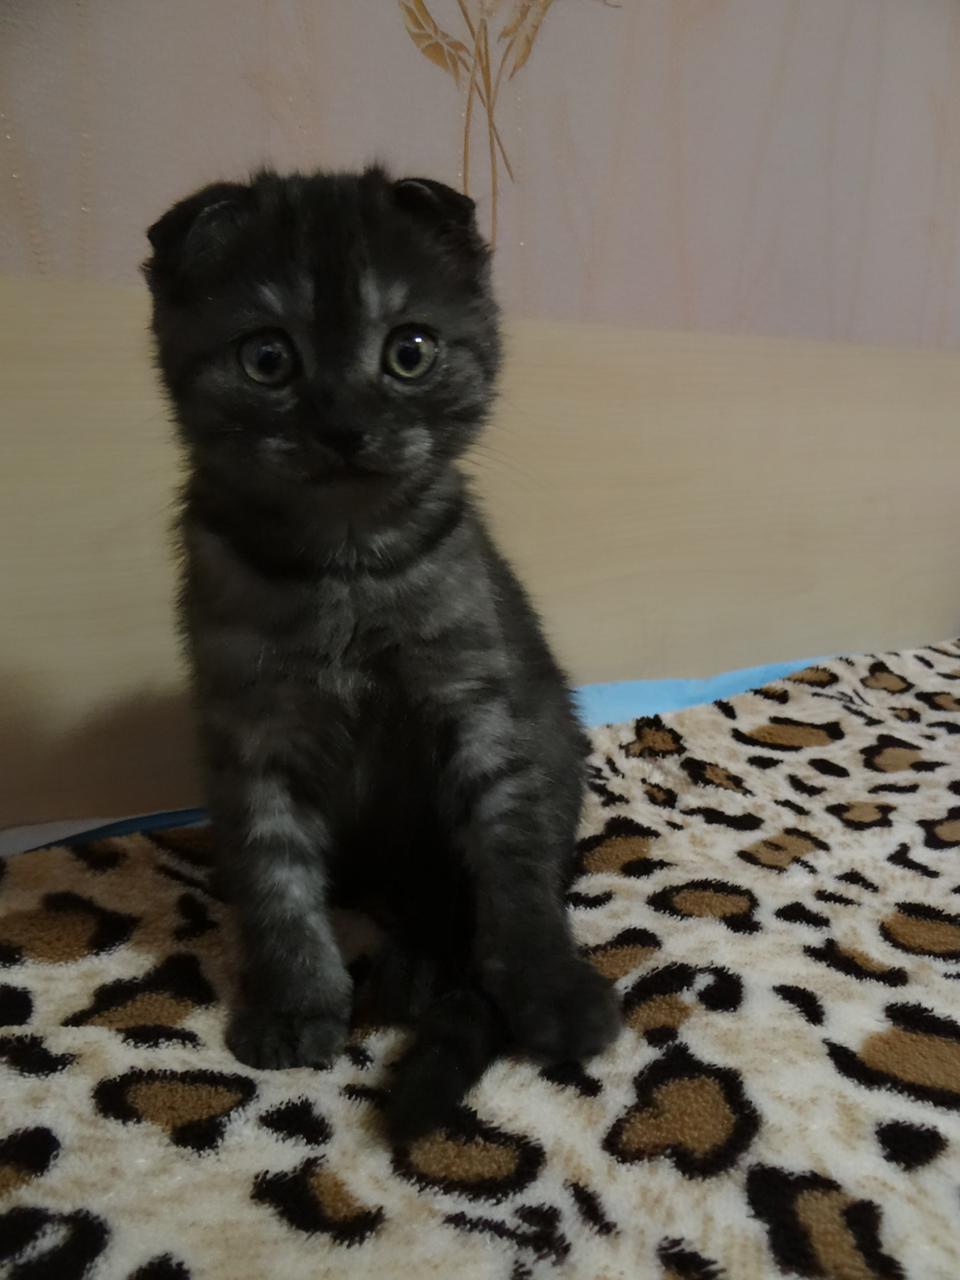 фото «Главный котик Омска-2021»: как благородный кот с греческим именем Максимиан помог хозяйке сдать важный экзамен и не провалить сессию 3